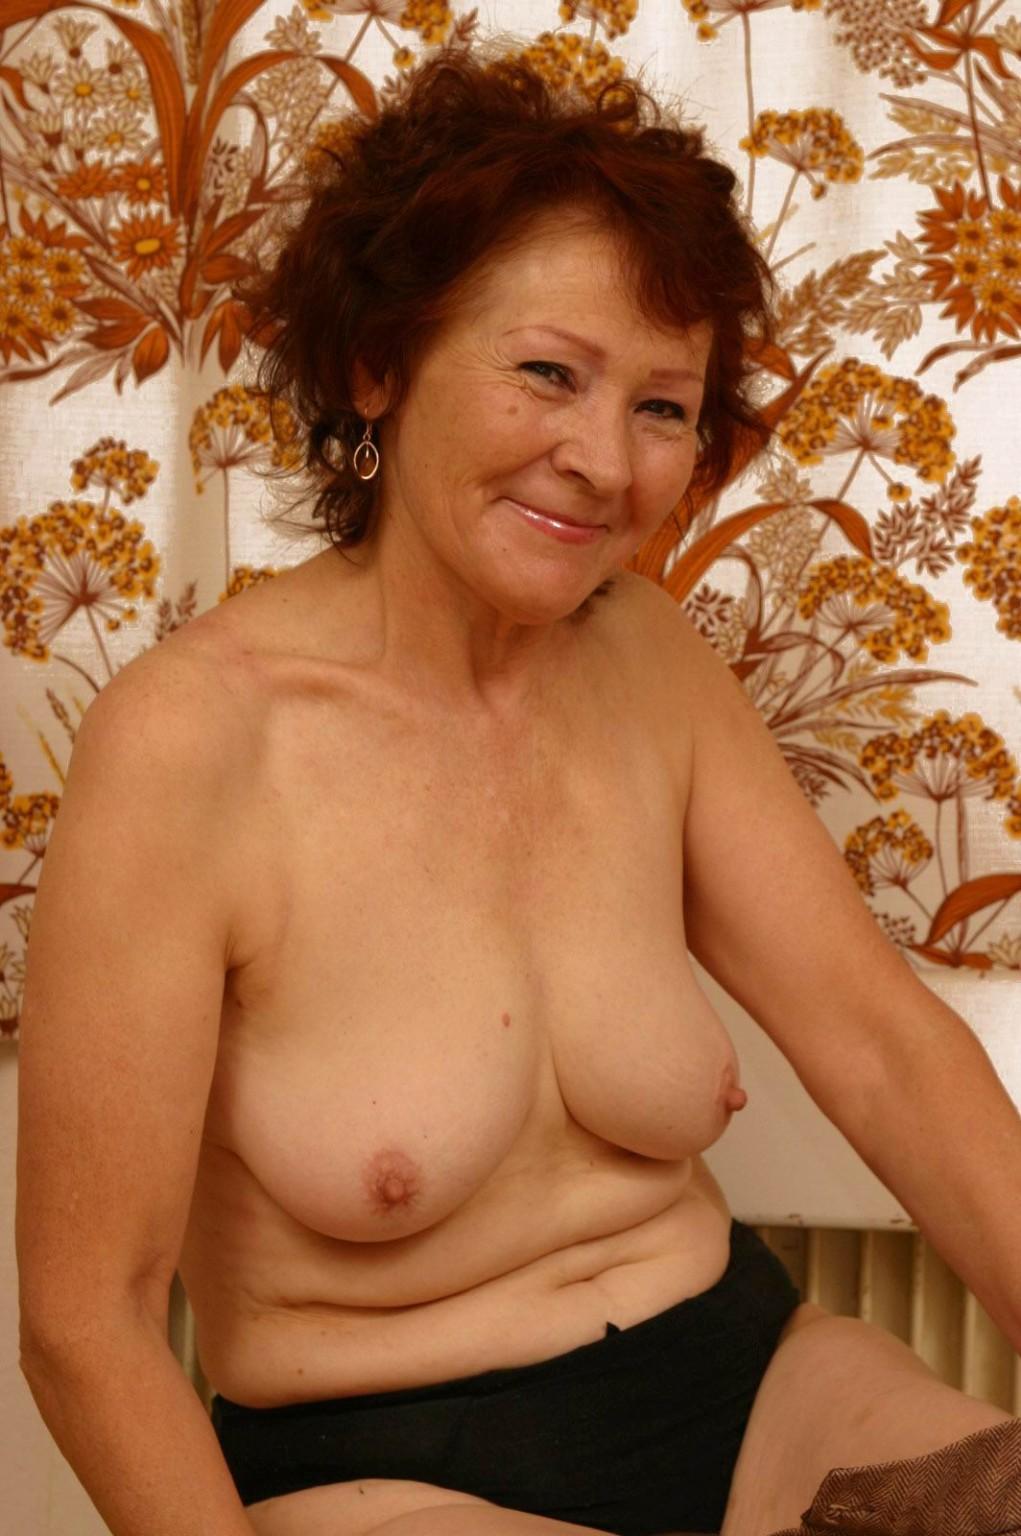 Пожилые - Порно галерея № 3336842